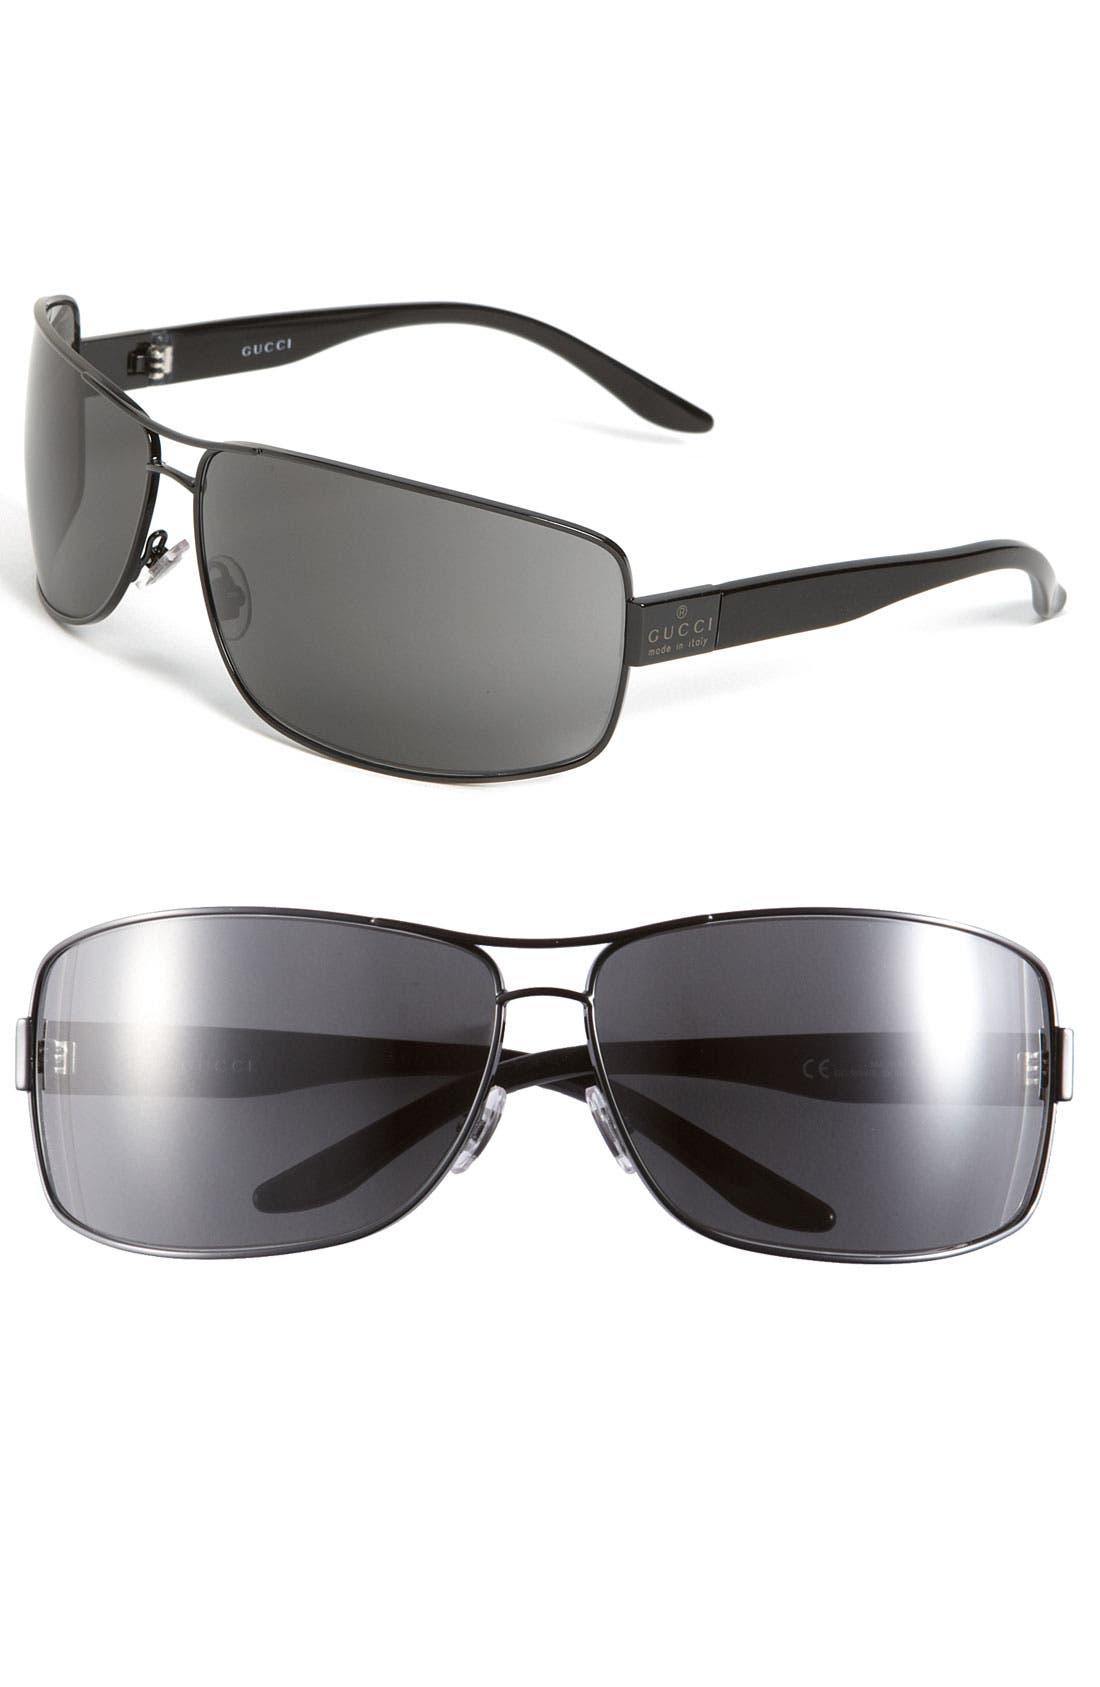 Main Image - Gucci Square Aviator Sunglasses